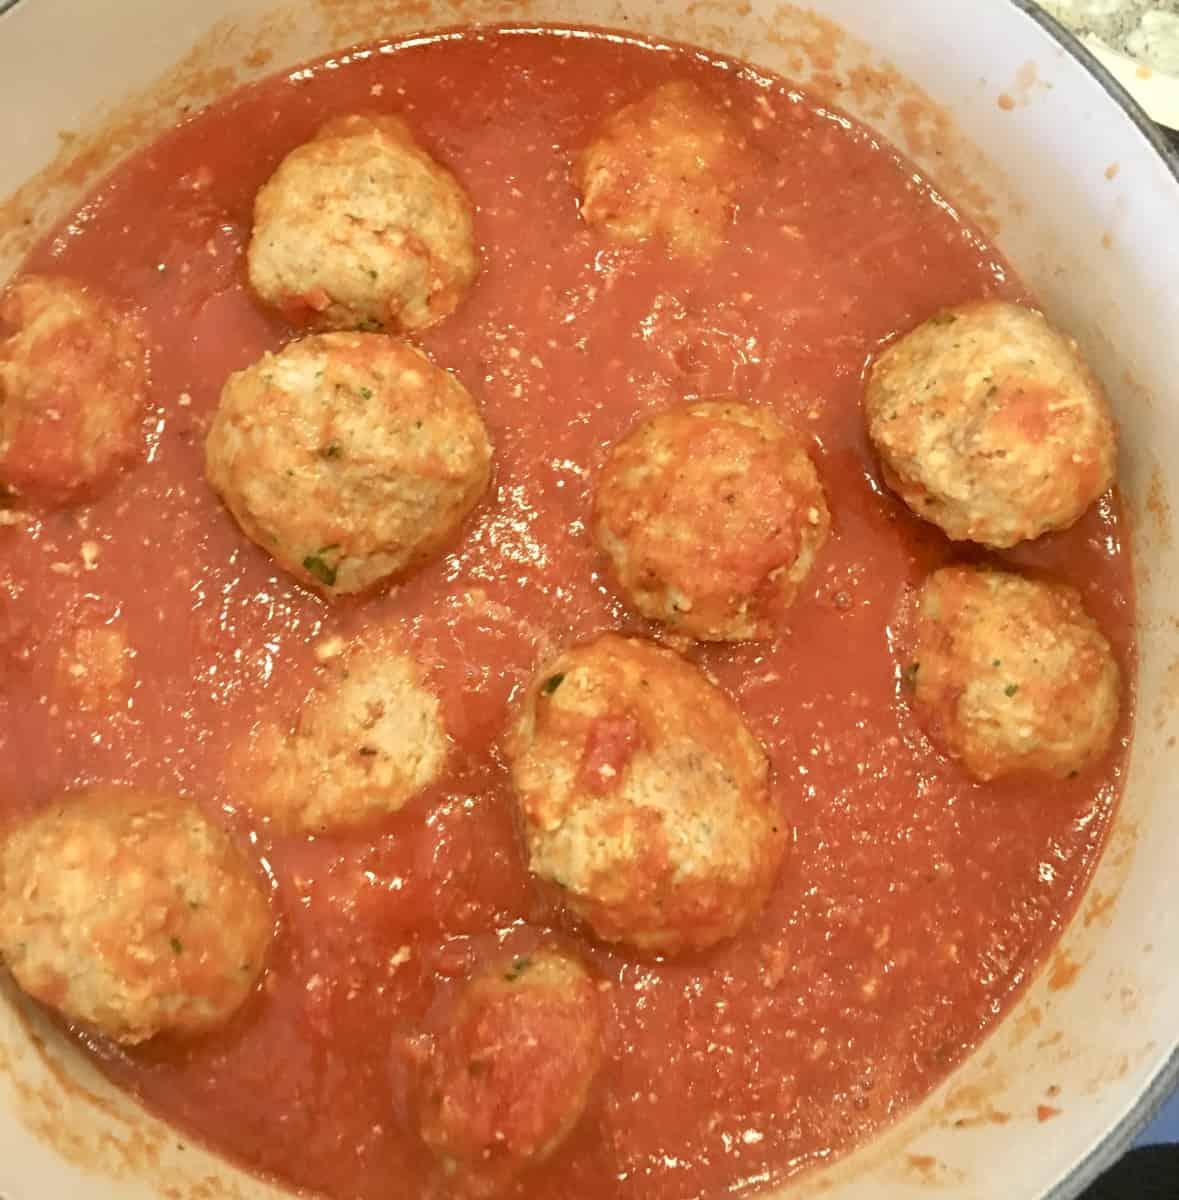 balls in the marinara sauce.